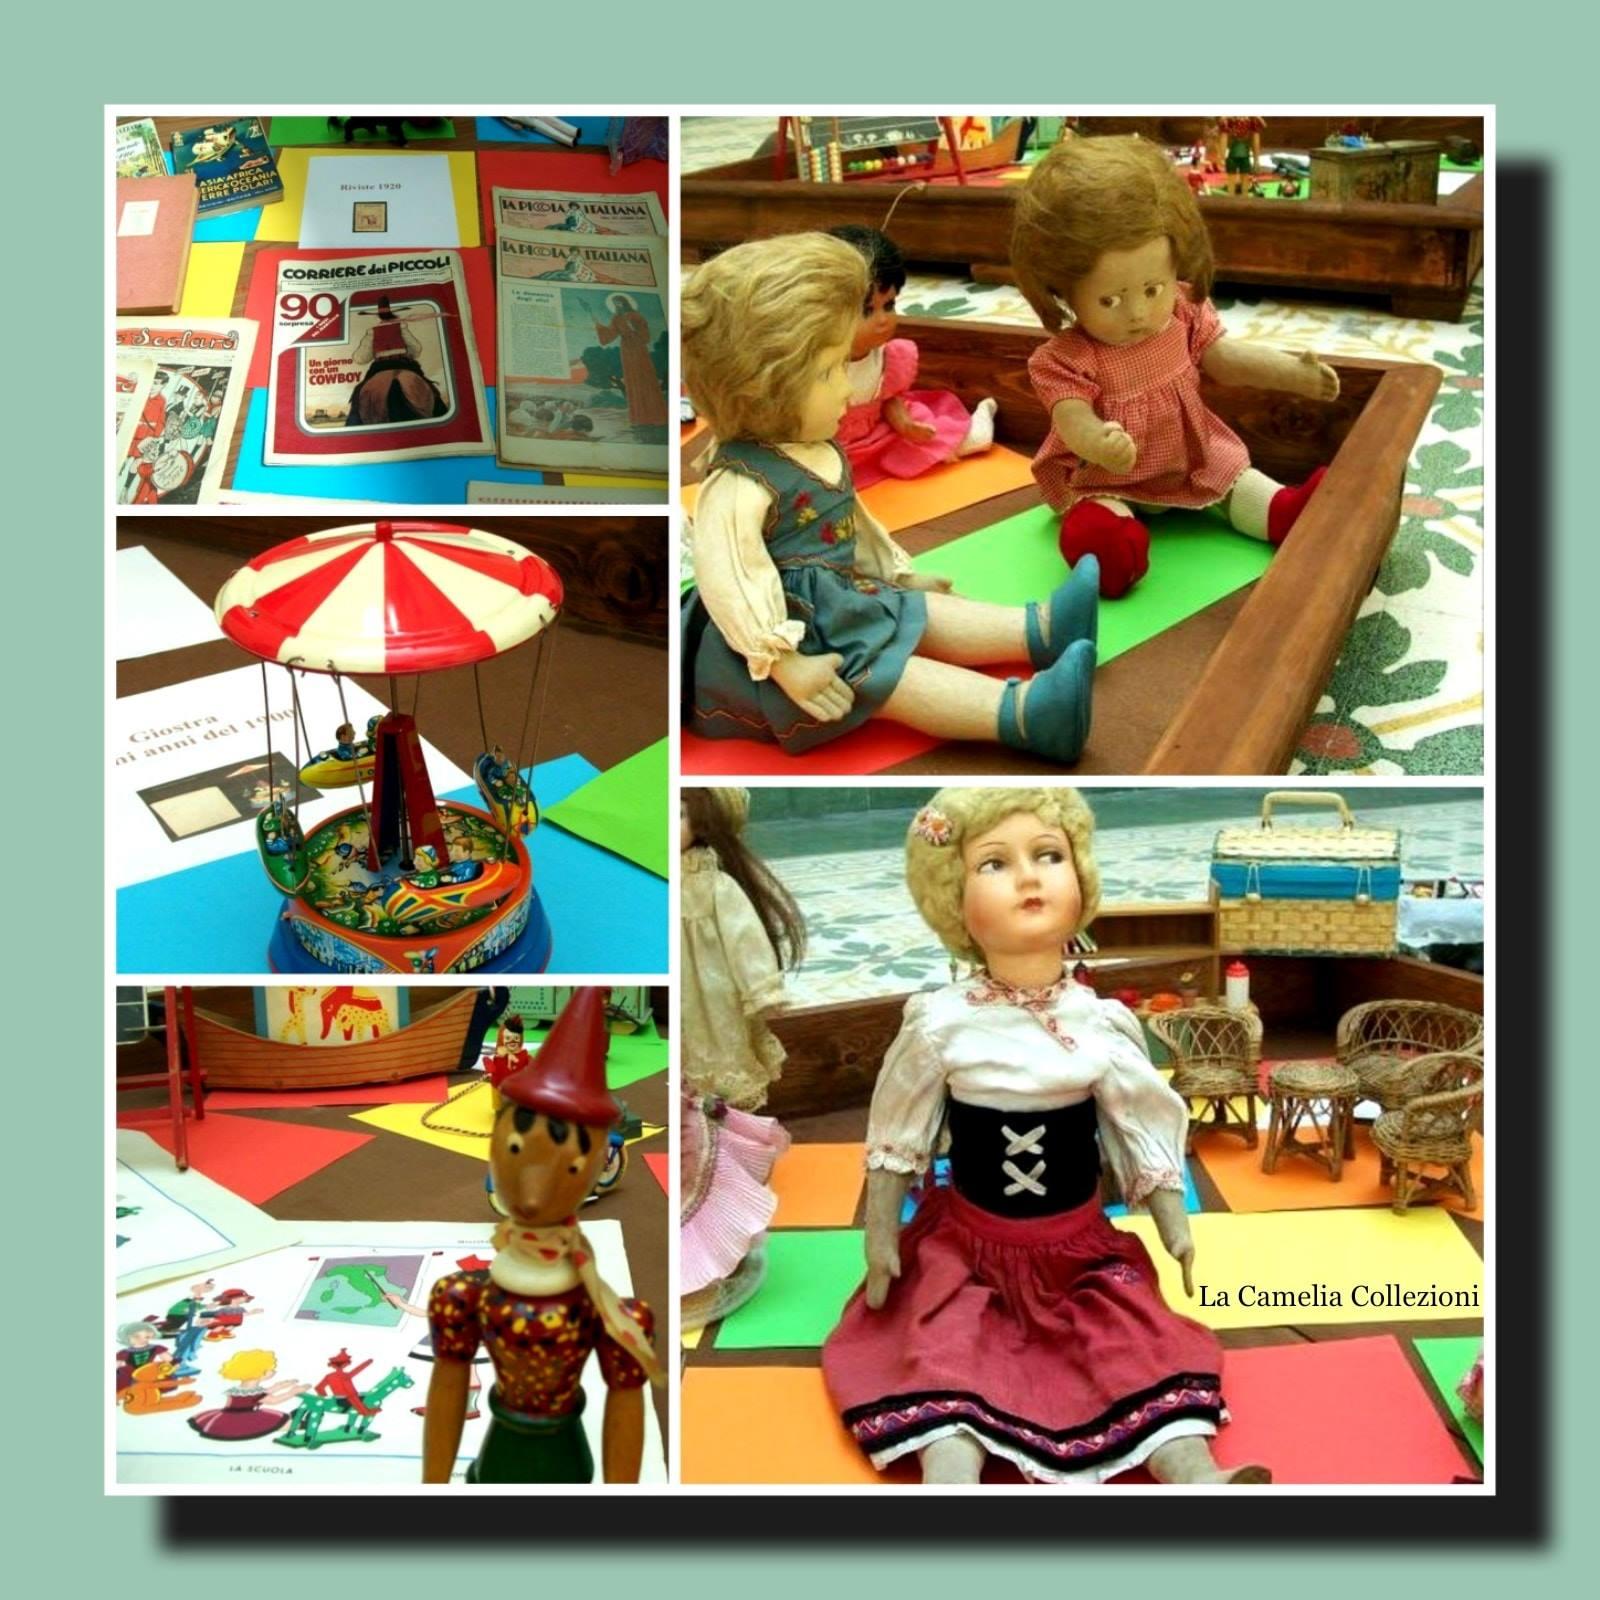 giocattoli antichi e d'epoca - mostra - la camelia collezioni